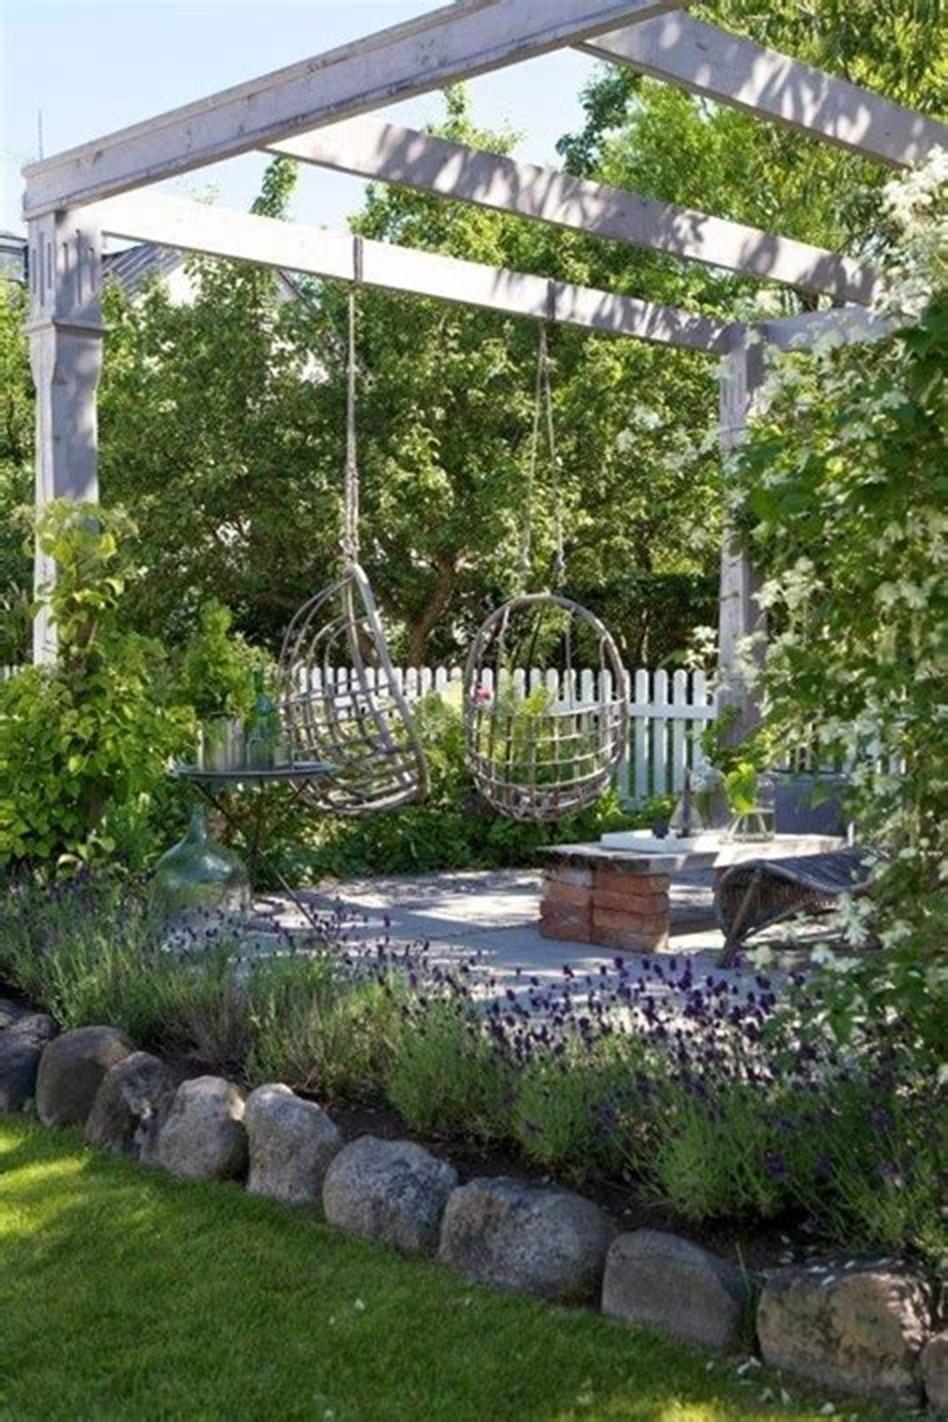 41 Beste Ideen für die Gartengestaltung zum Entspannen